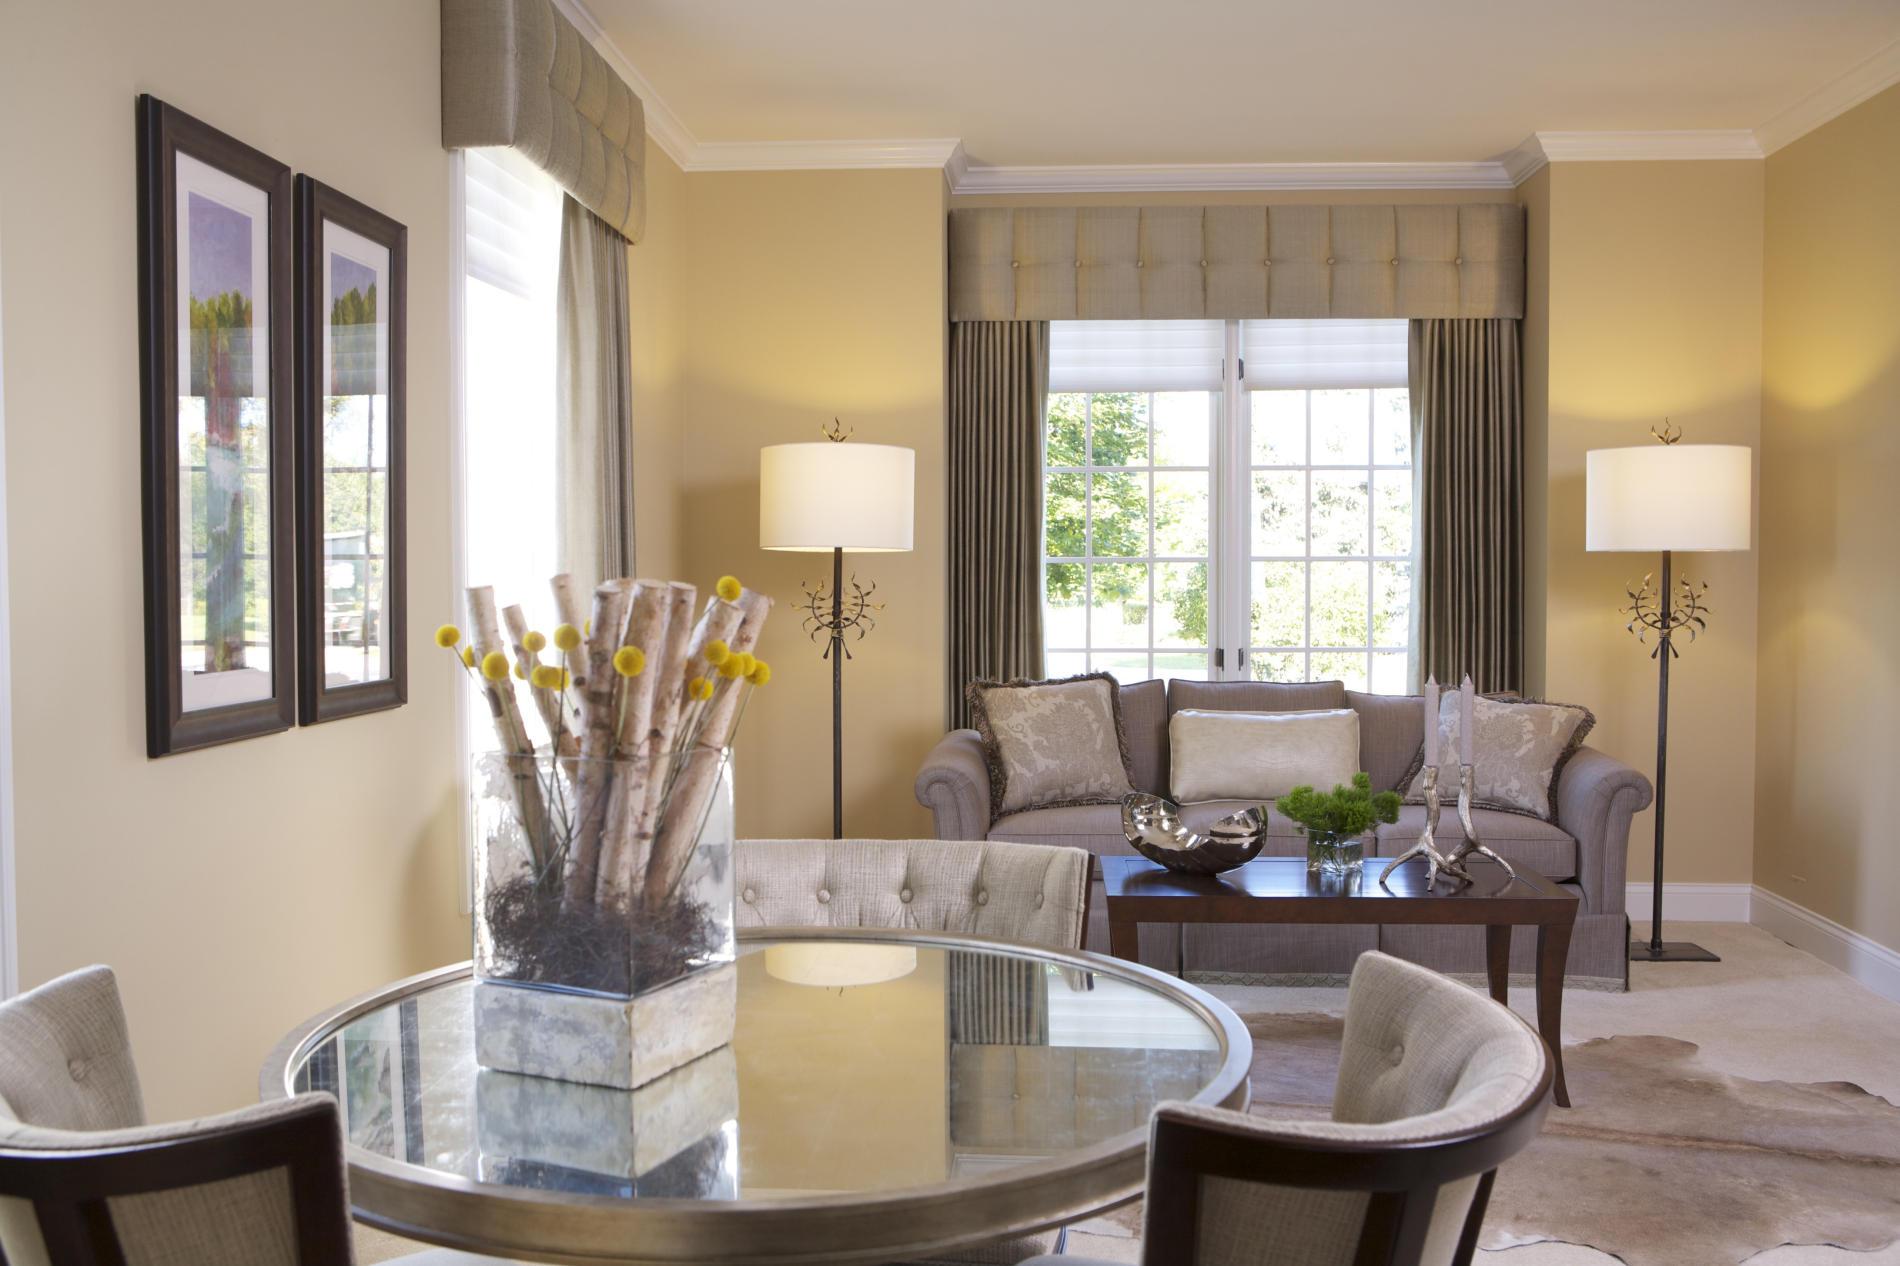 элегантный интерьер гостиной